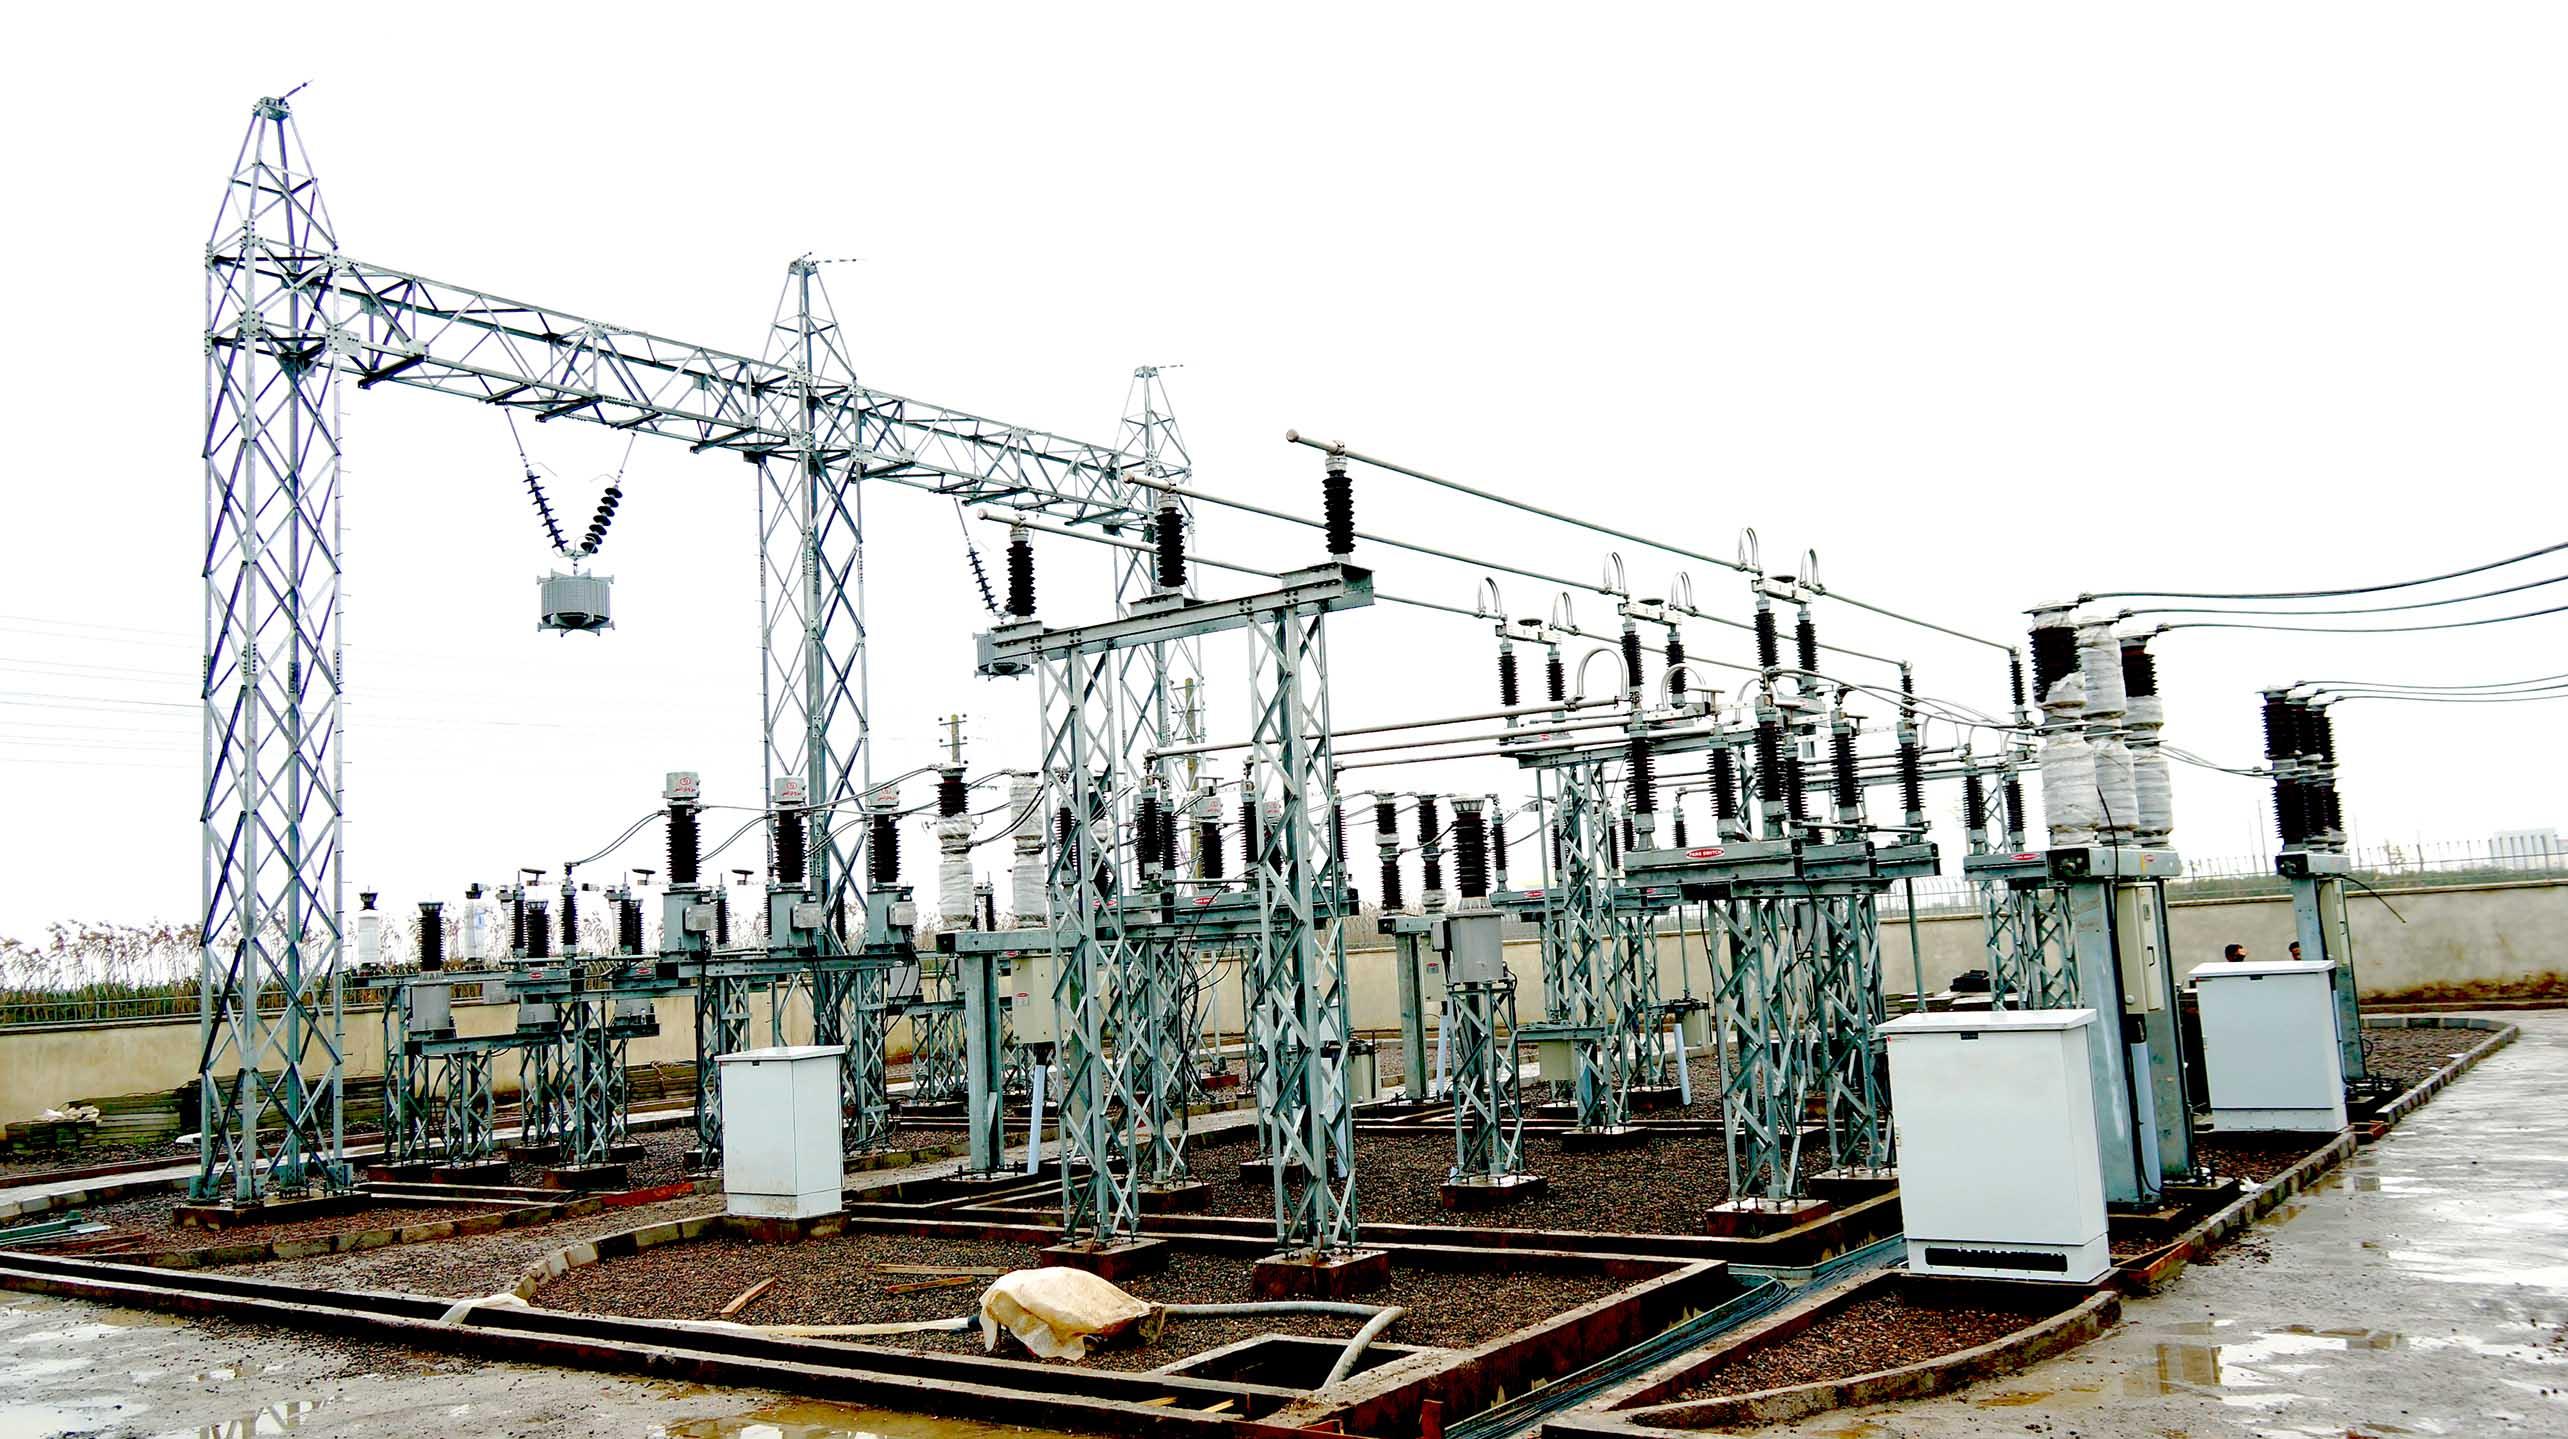 مجری طرح پستهای معاونت طرح وتوسعه شرکت سهامی برق منطقهای گیلان:  بهره برداری از پست ۶۳/۲۰ کیلوولت شهرک صنعتی سپیدرود